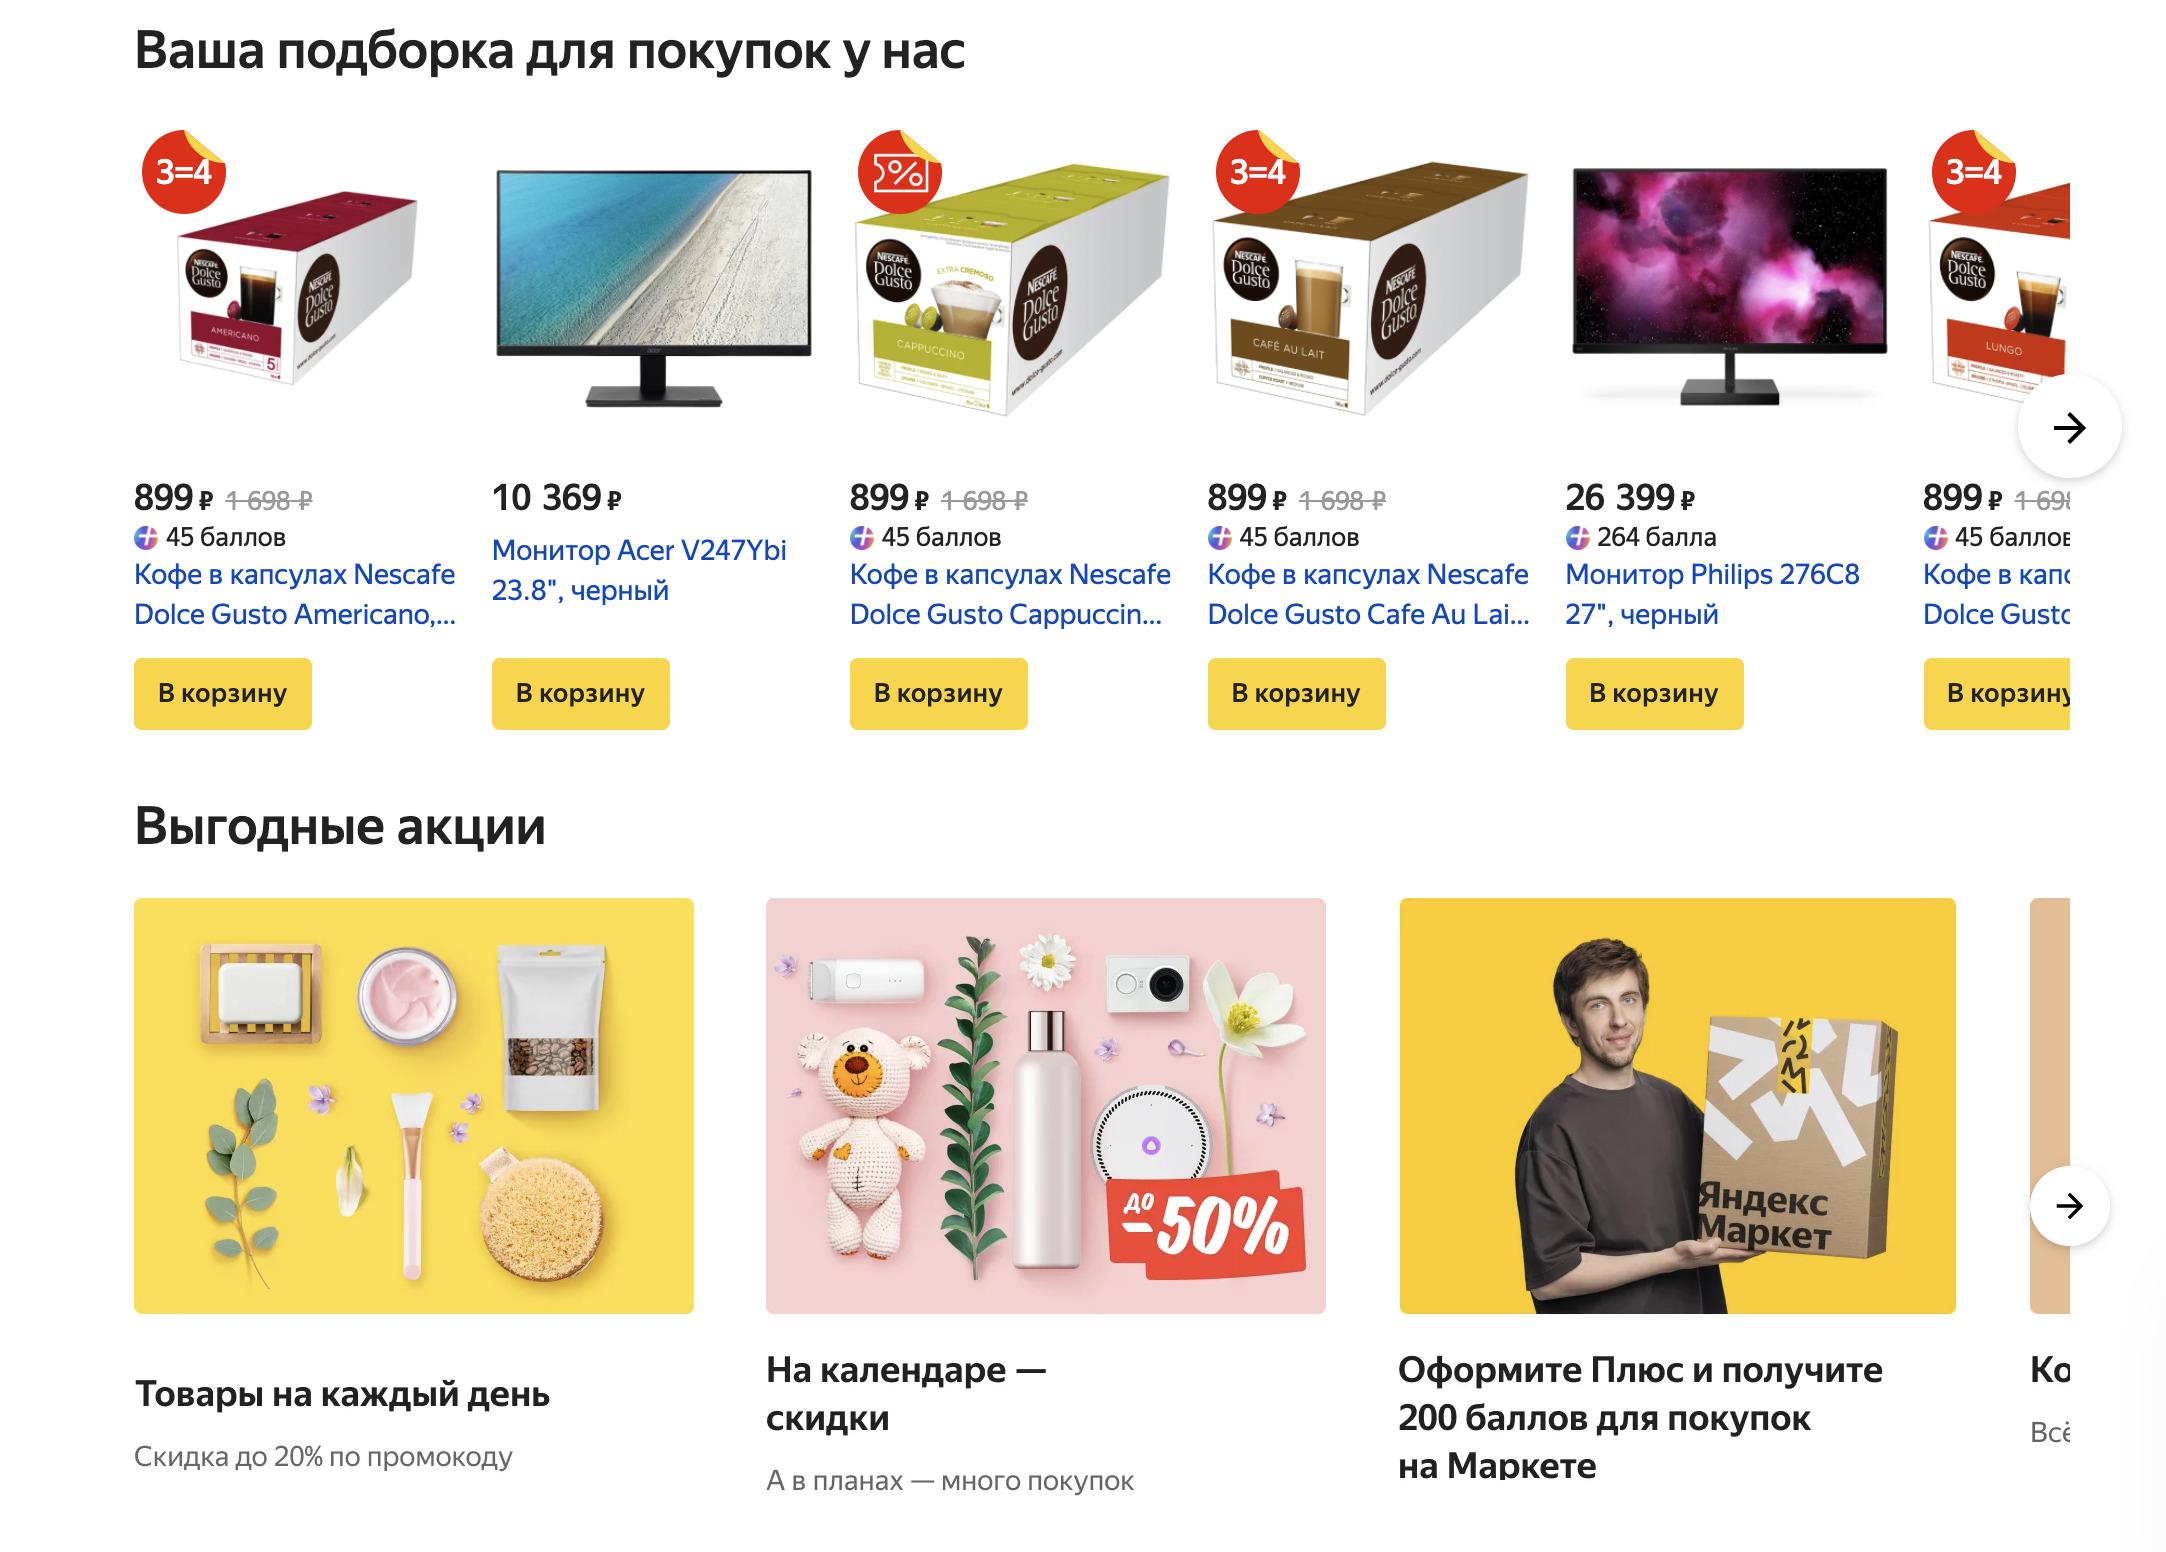 Доставка из Яндекс.Маркет в Балашов, сроки, пункты выдачи, каталог